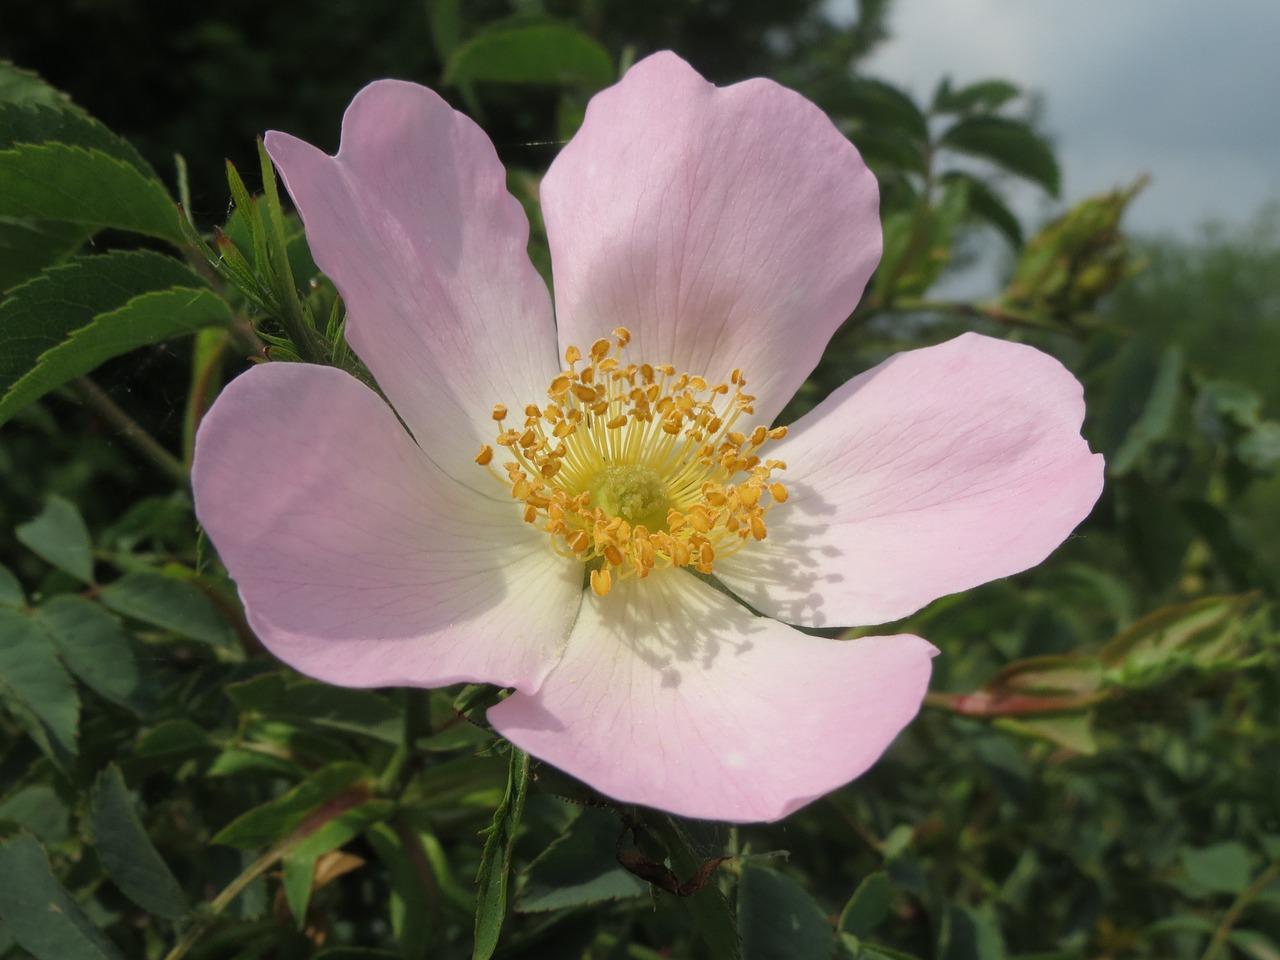 šípek květ